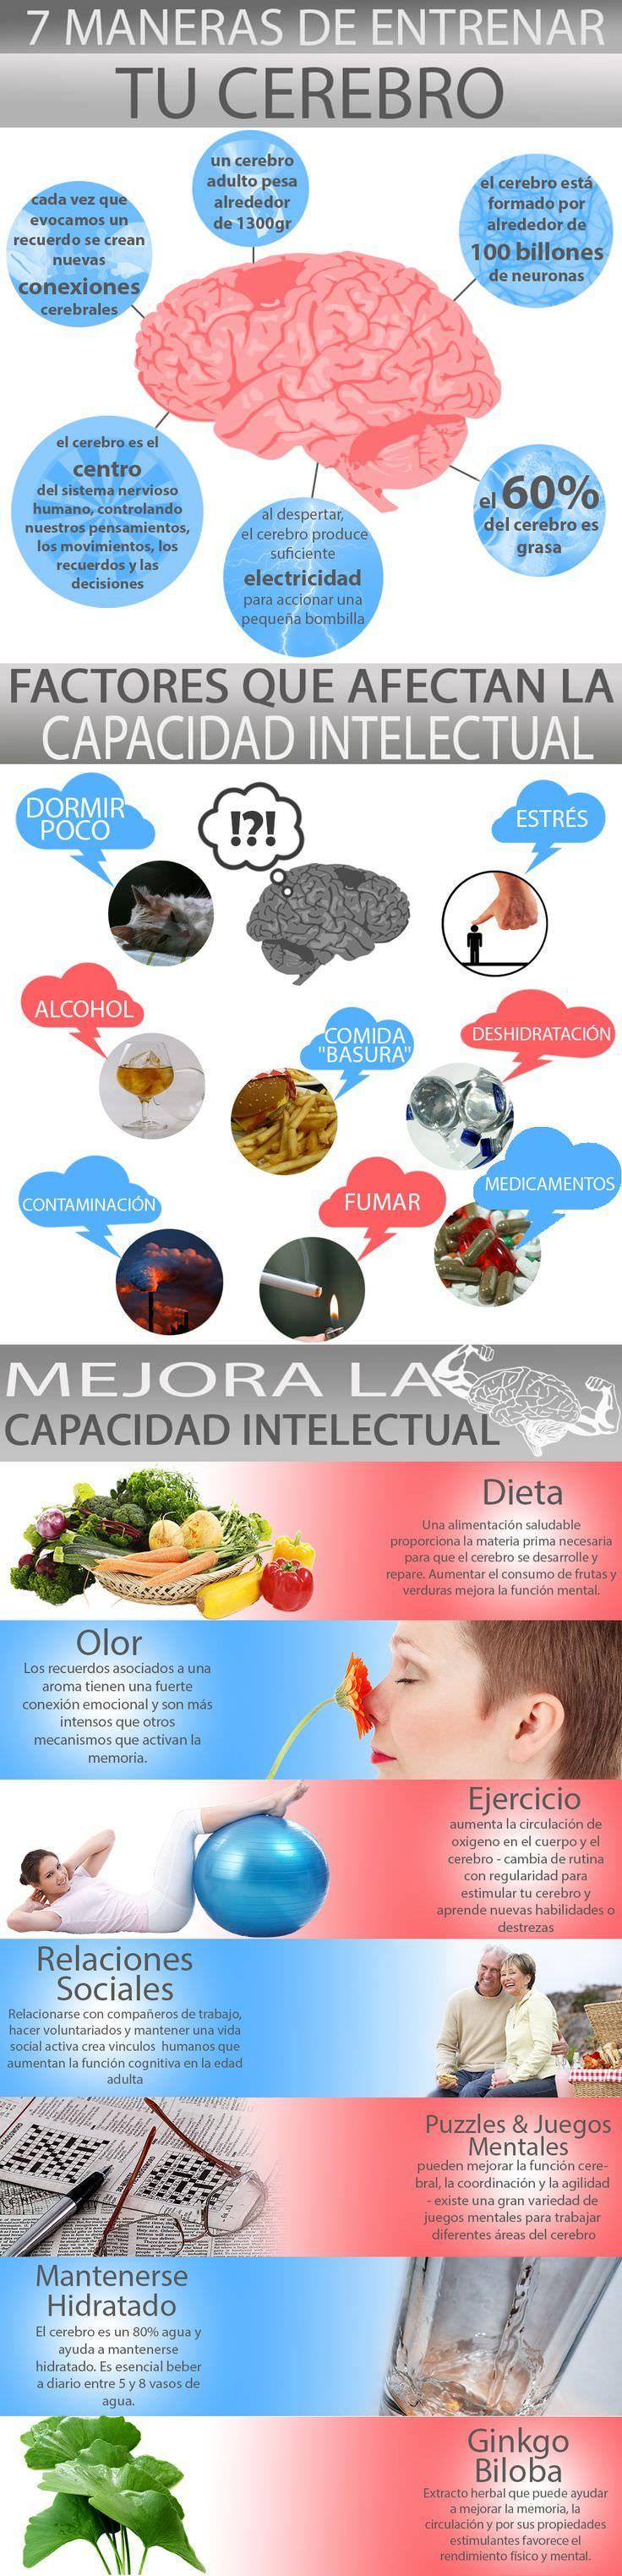 Factores que afectan la capacidad intelectual Más